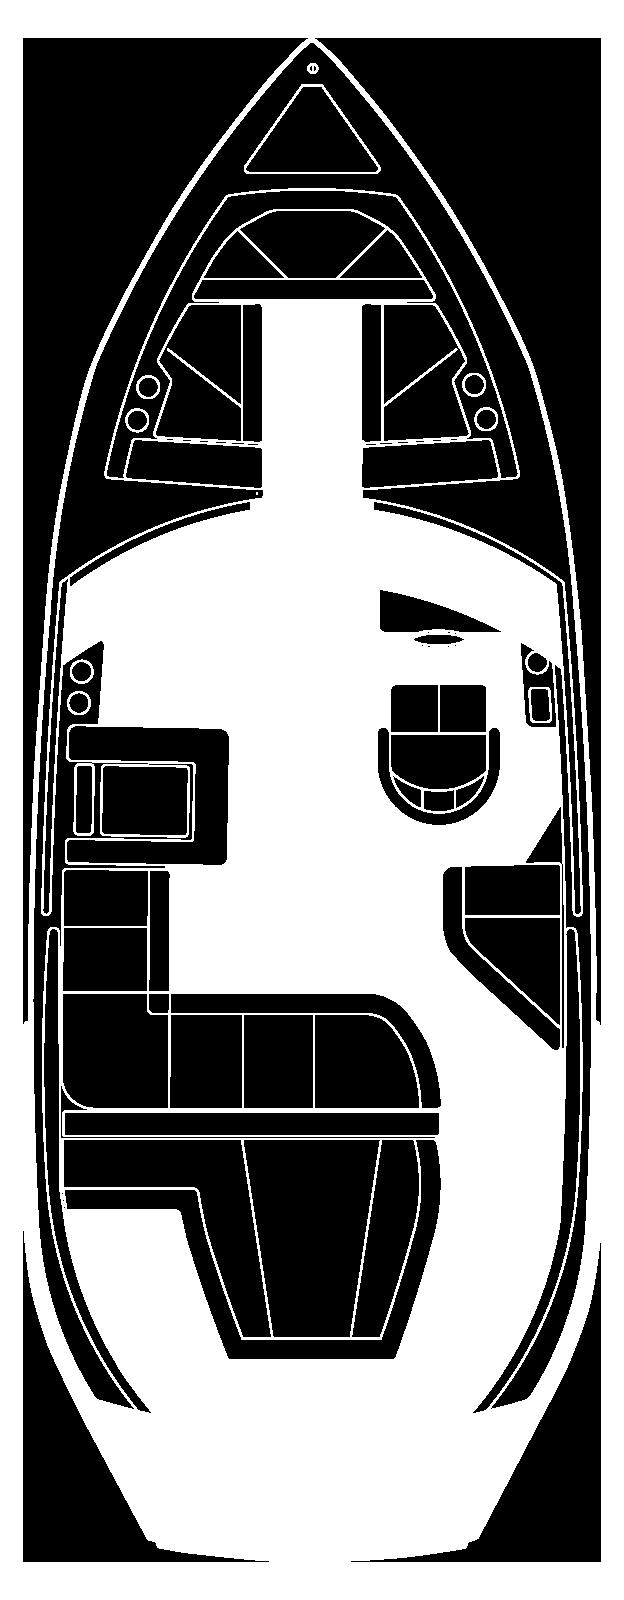 CS22_CobaltBoats_Floorplans